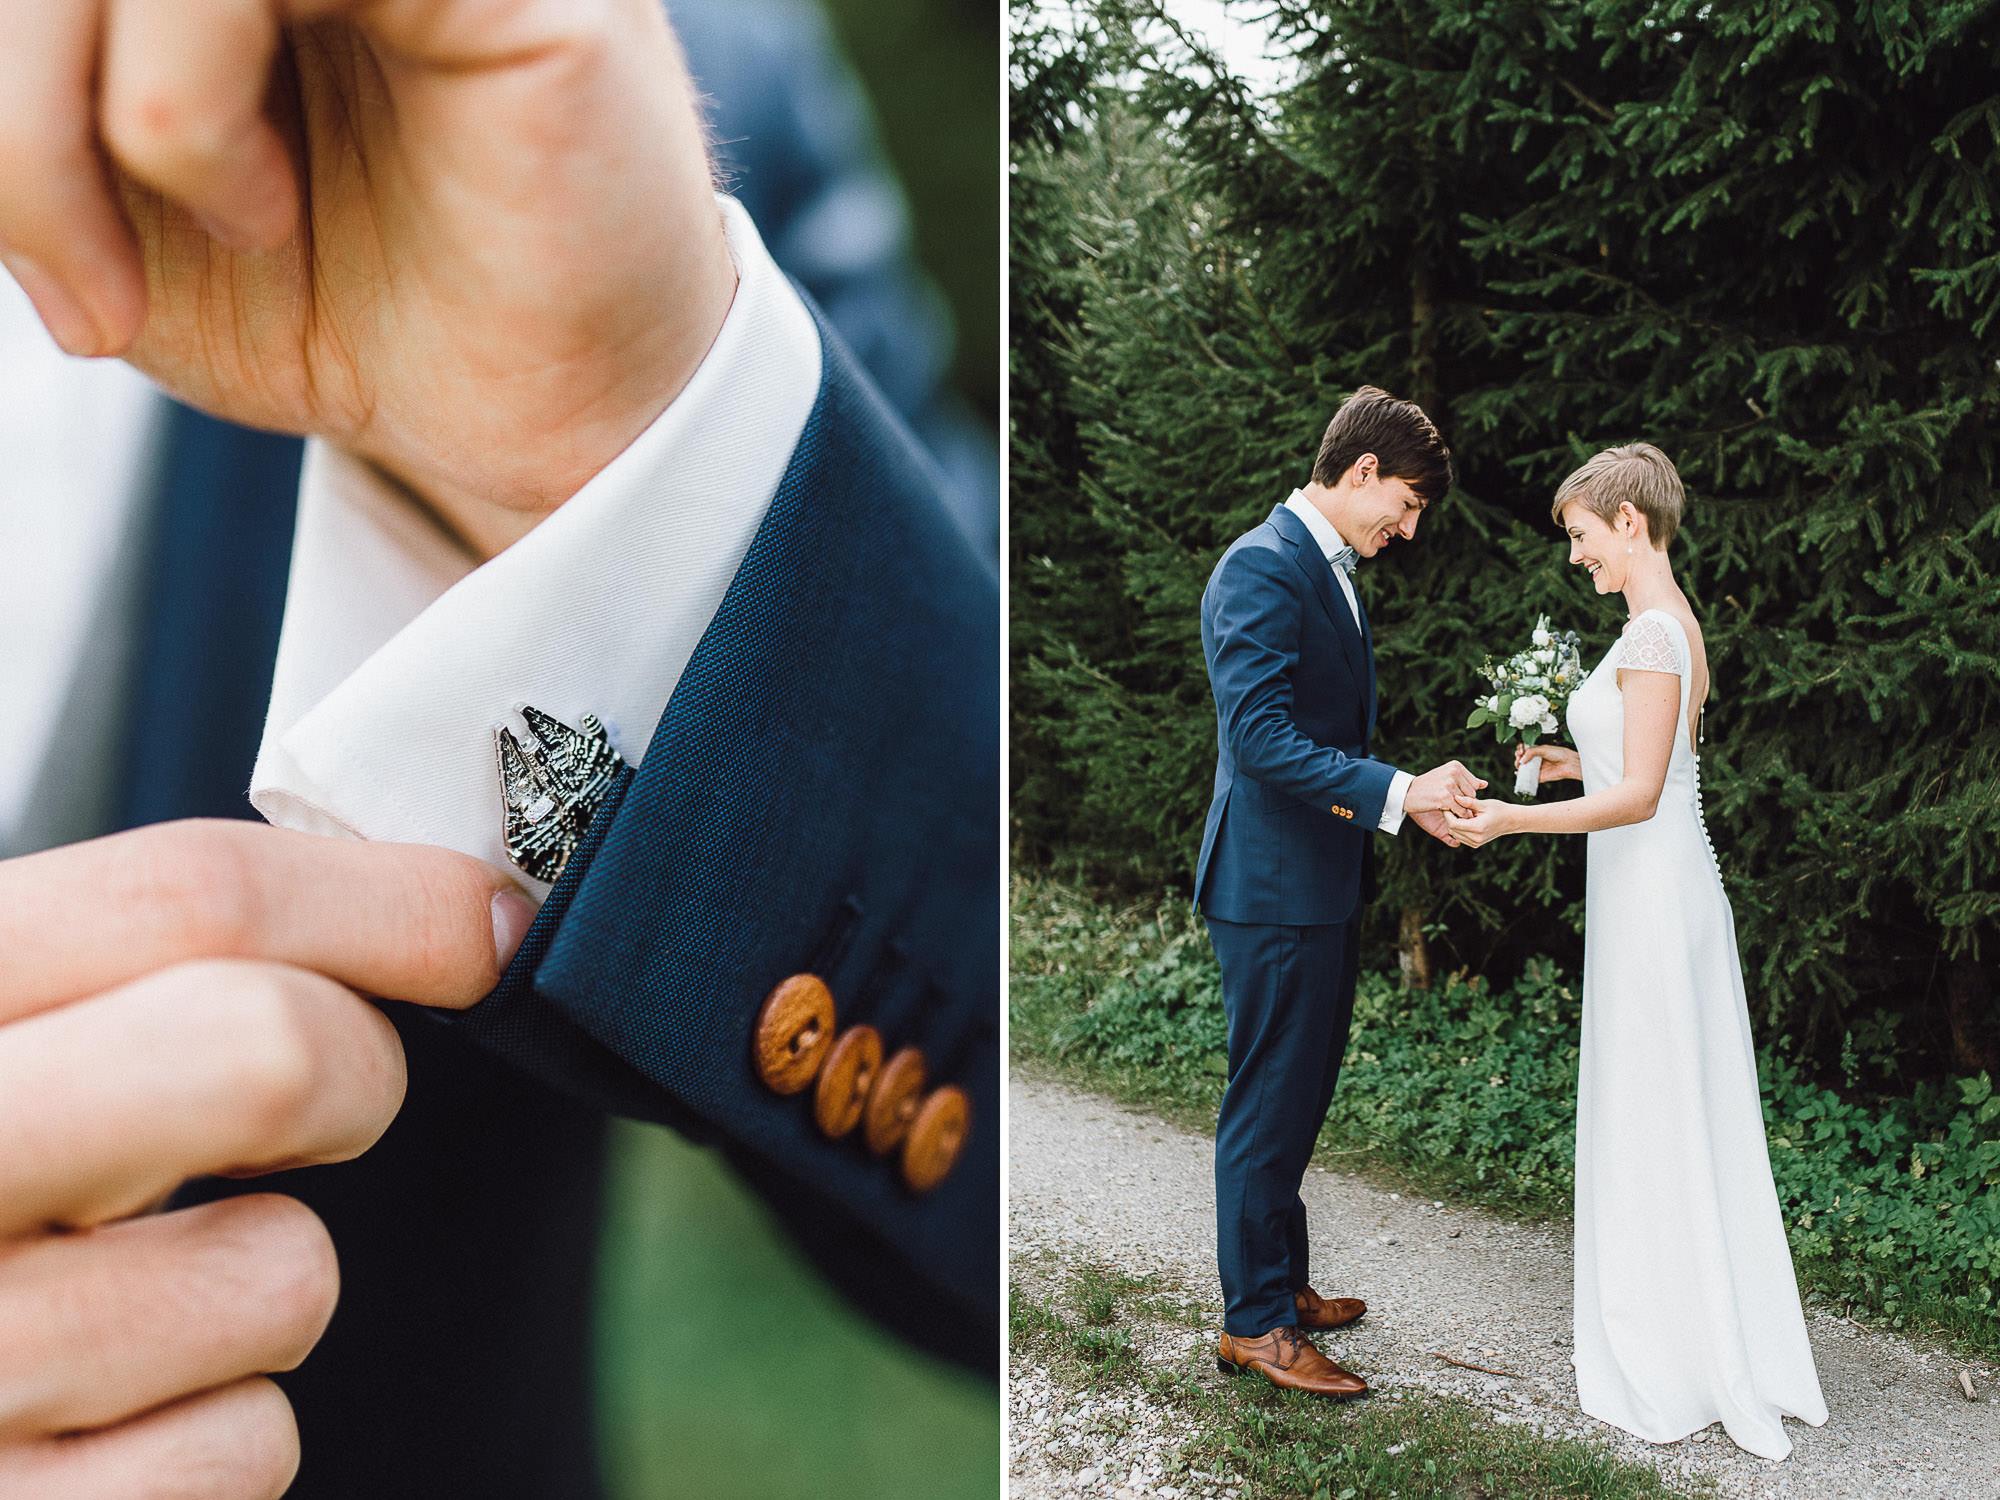 greenery-wedding-hochzeit-prielhof-sukkulenten-scheyern-lauraelenaphotography-025